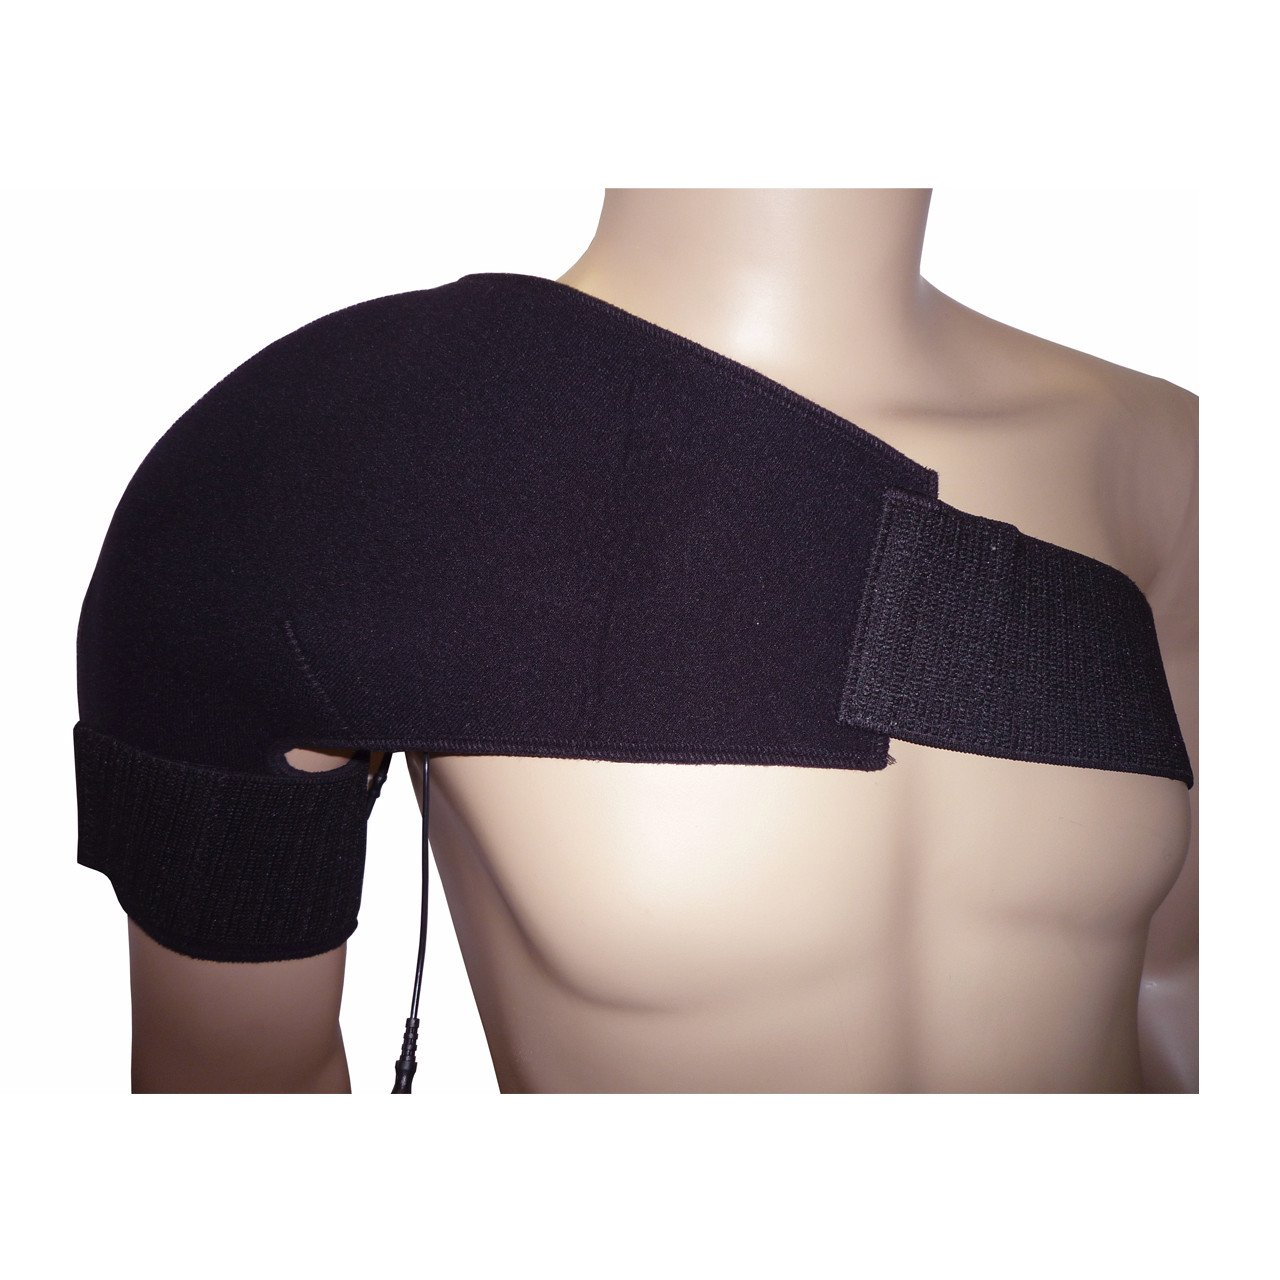 BioKnit® Conductive Sport Shoulder Garment